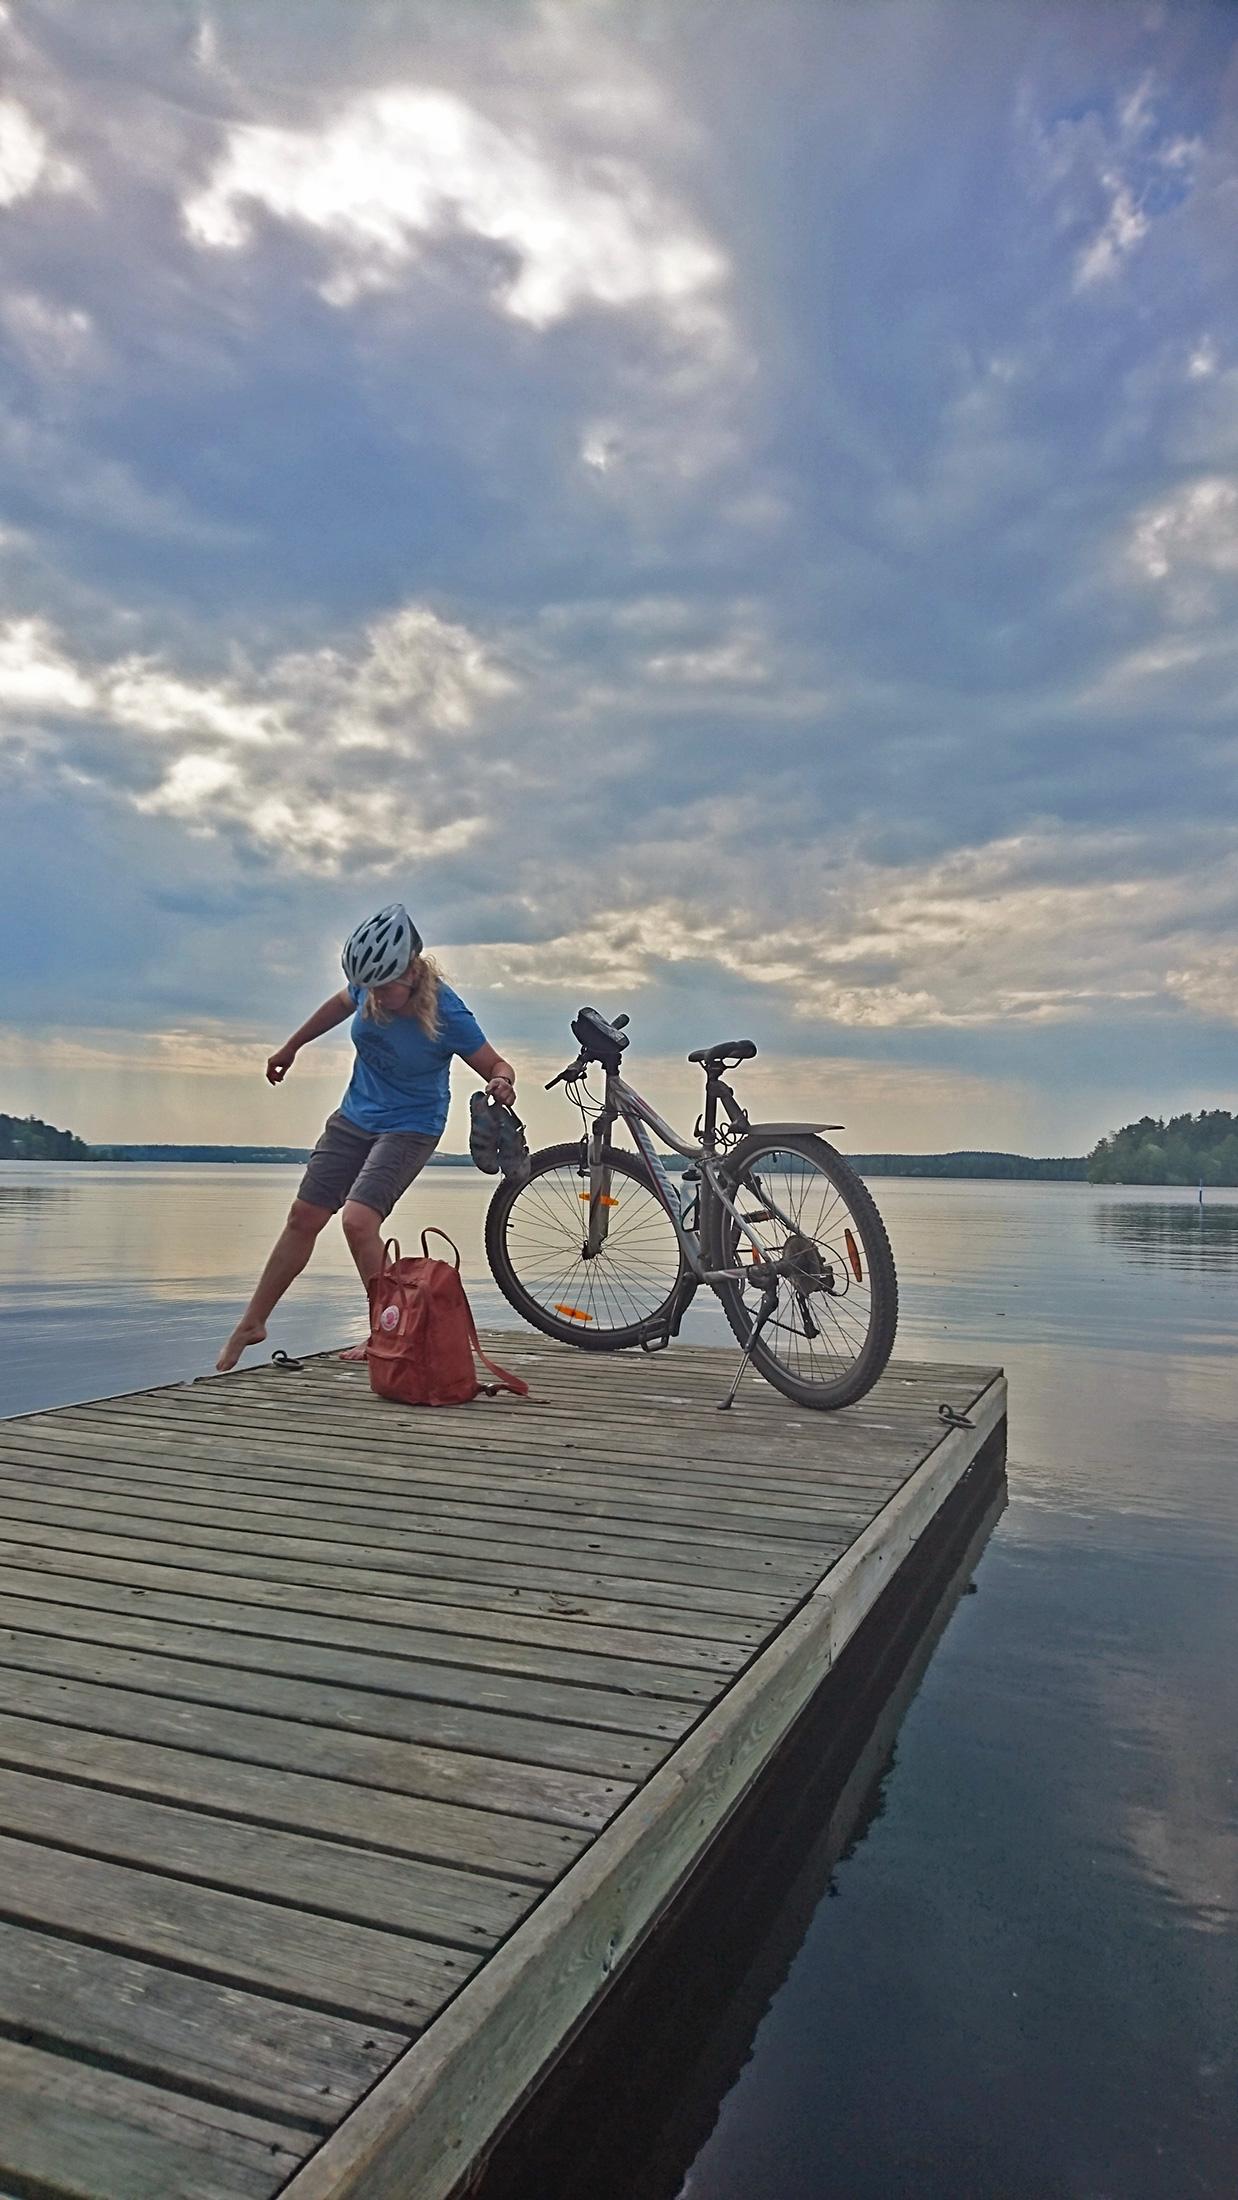 Nainen kastaa varpaitaan veteen laiturilta polkupyörä vieressään.